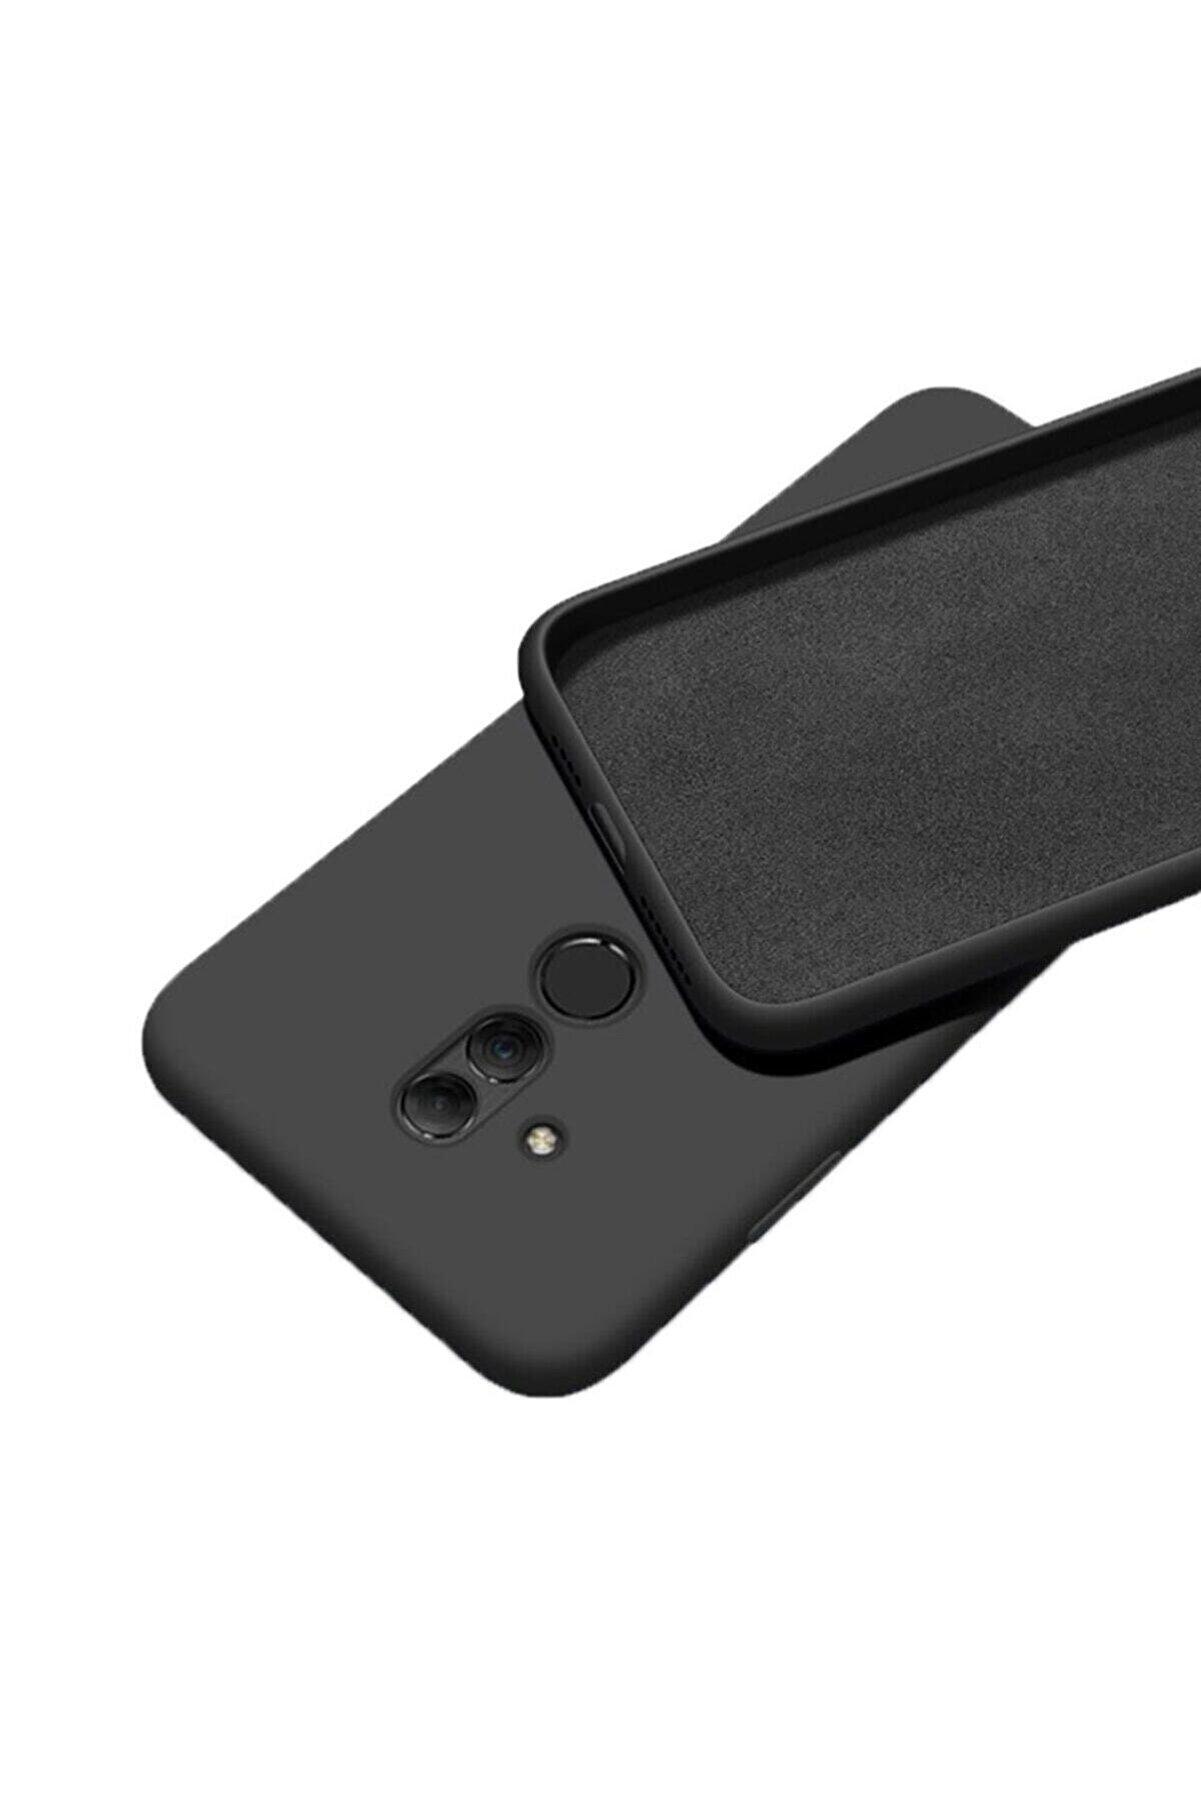 Mopal Huawei Mate 20 Lite Uyumlu Içi Kadife Lansman Silikon Kılıf